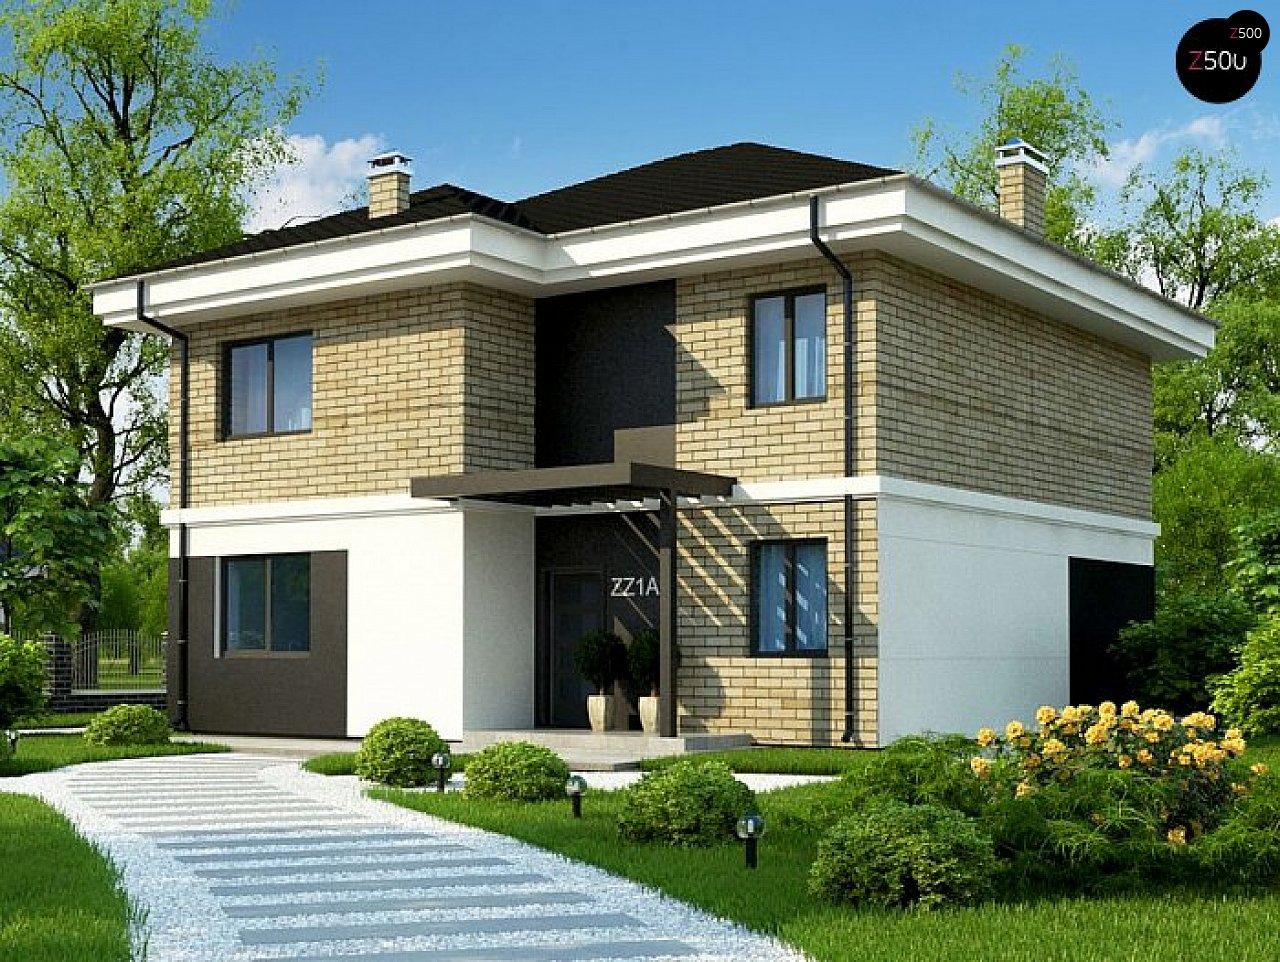 Вариант двухэтажного дома Zz1a с плитами перекрытия 1